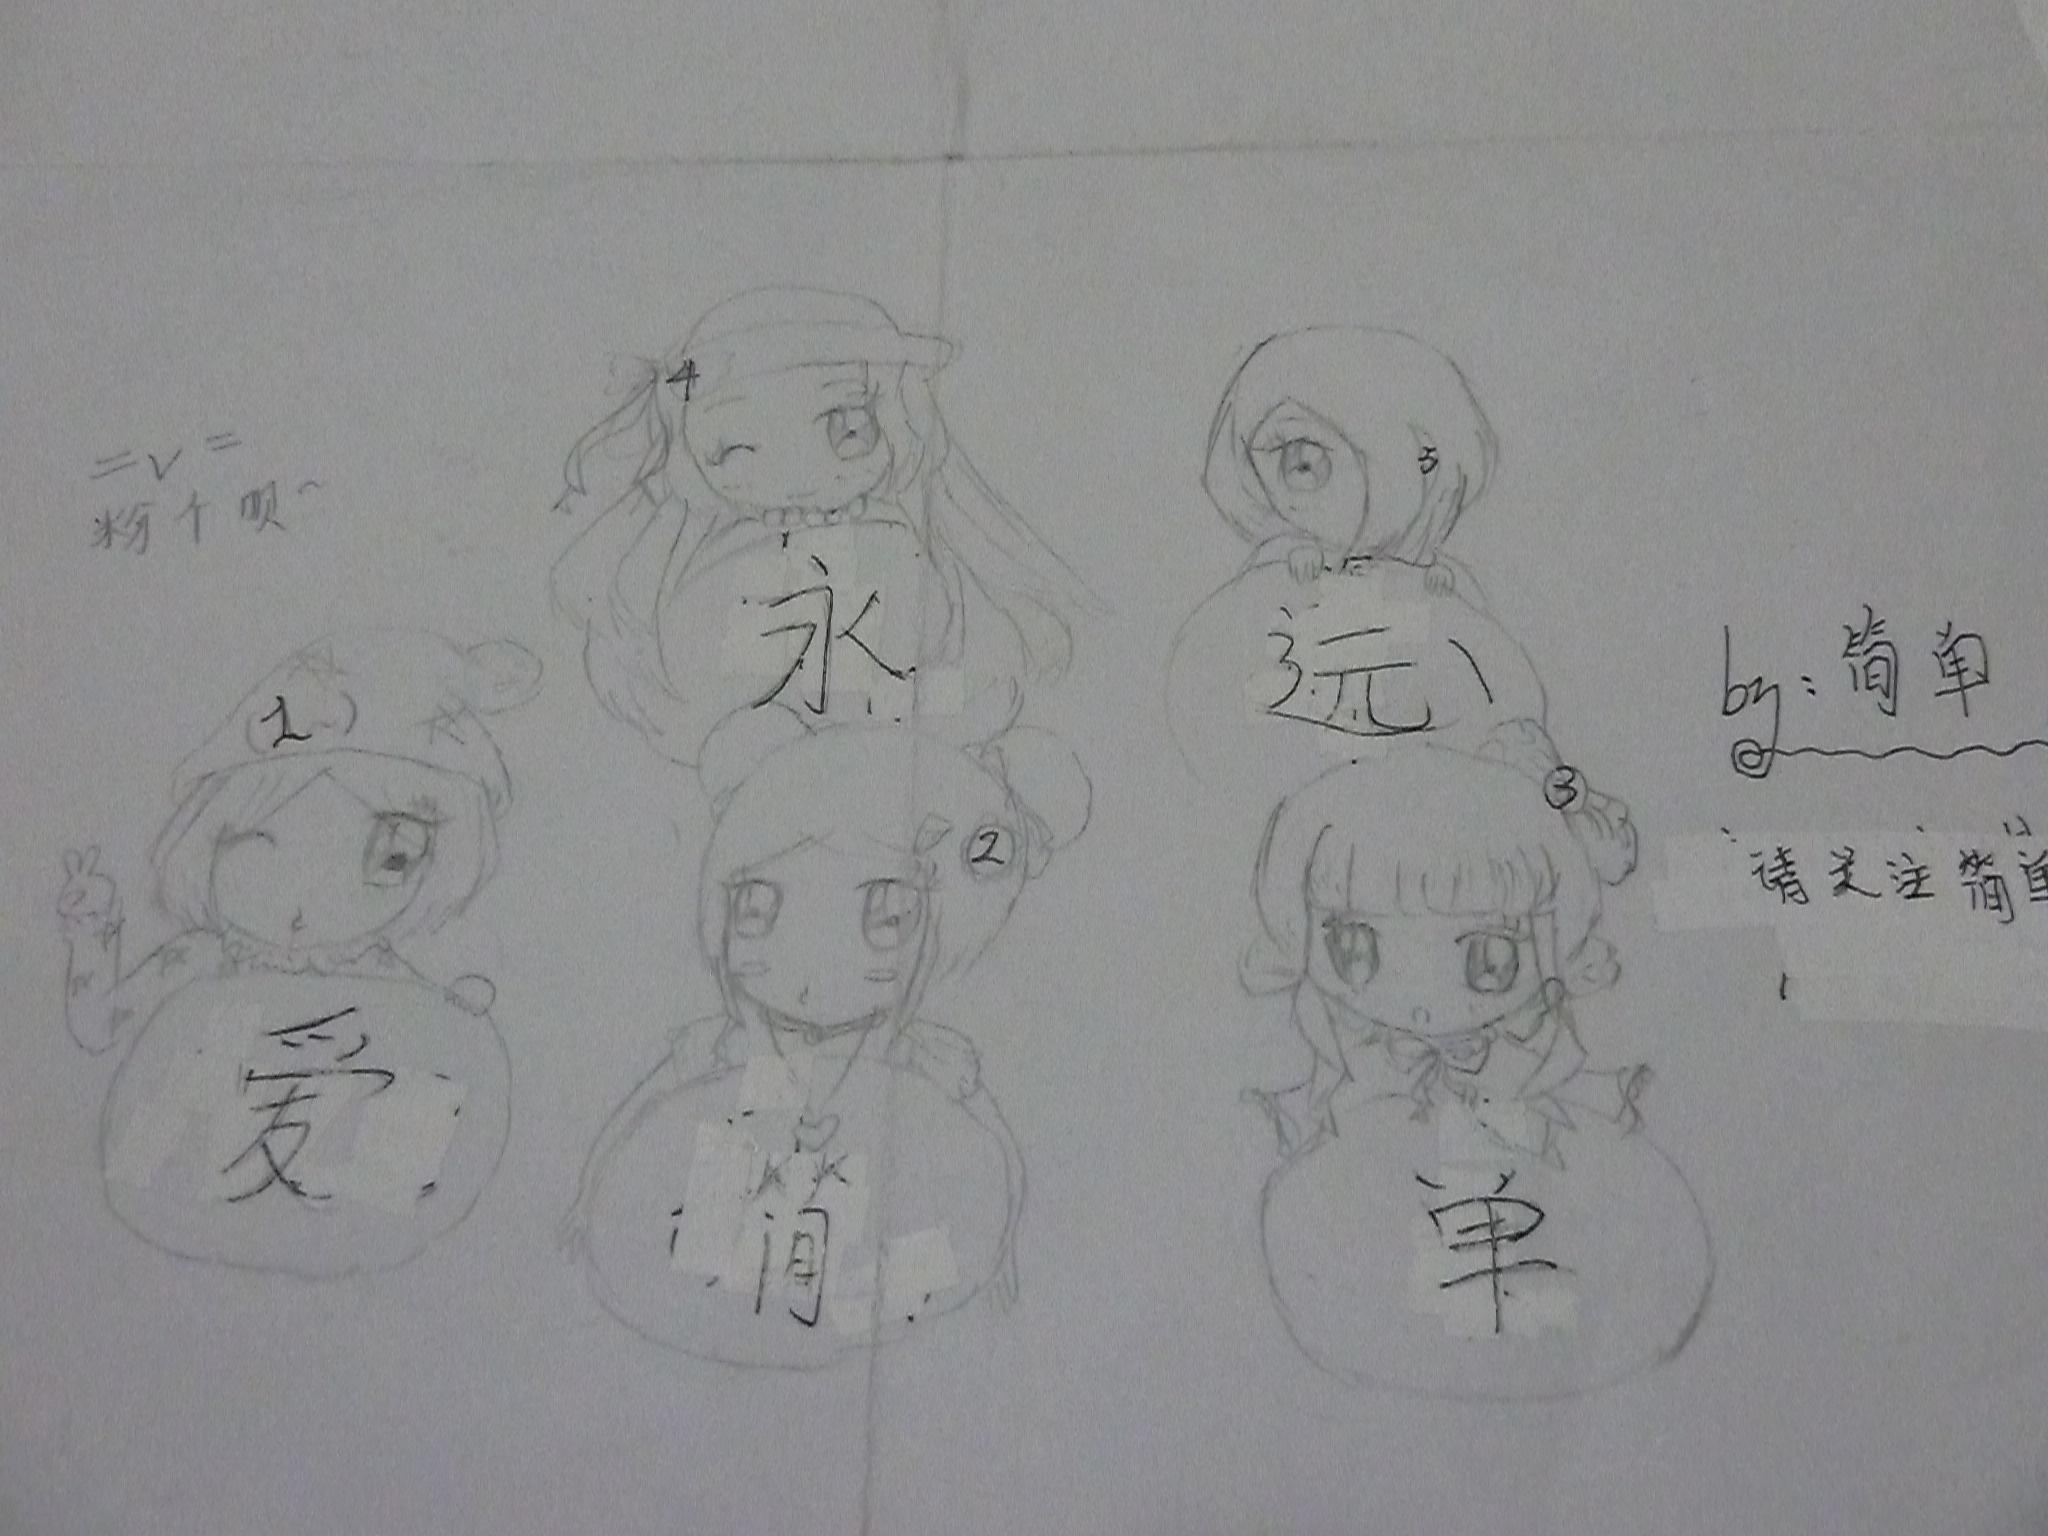 【简单】动漫手绘